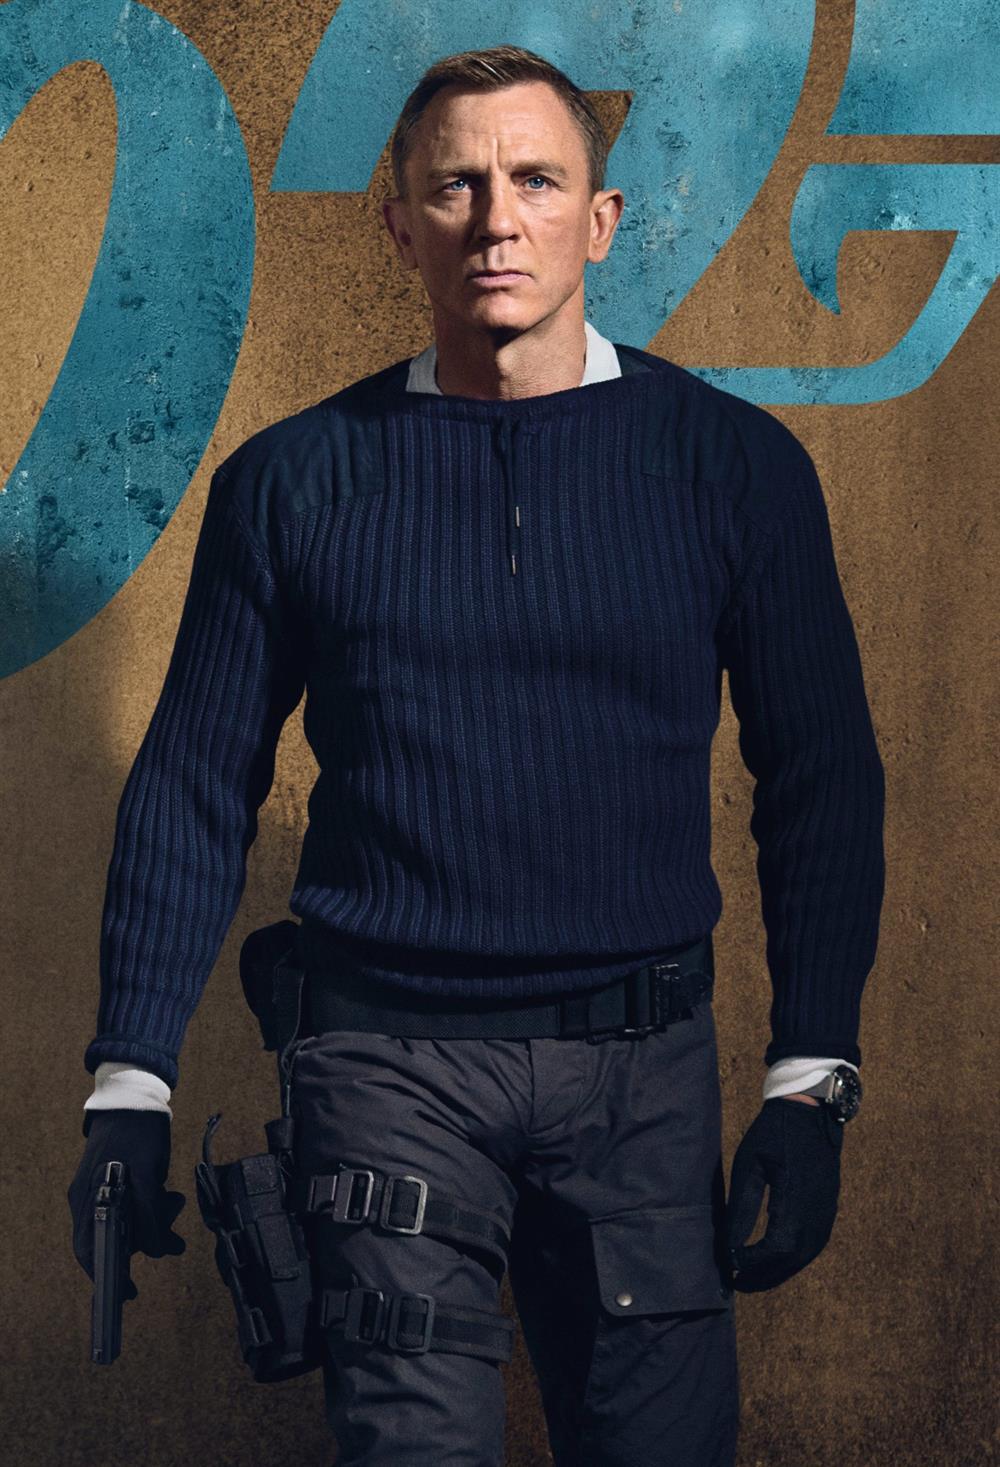 دنیل کریگ در نقش مامور 007